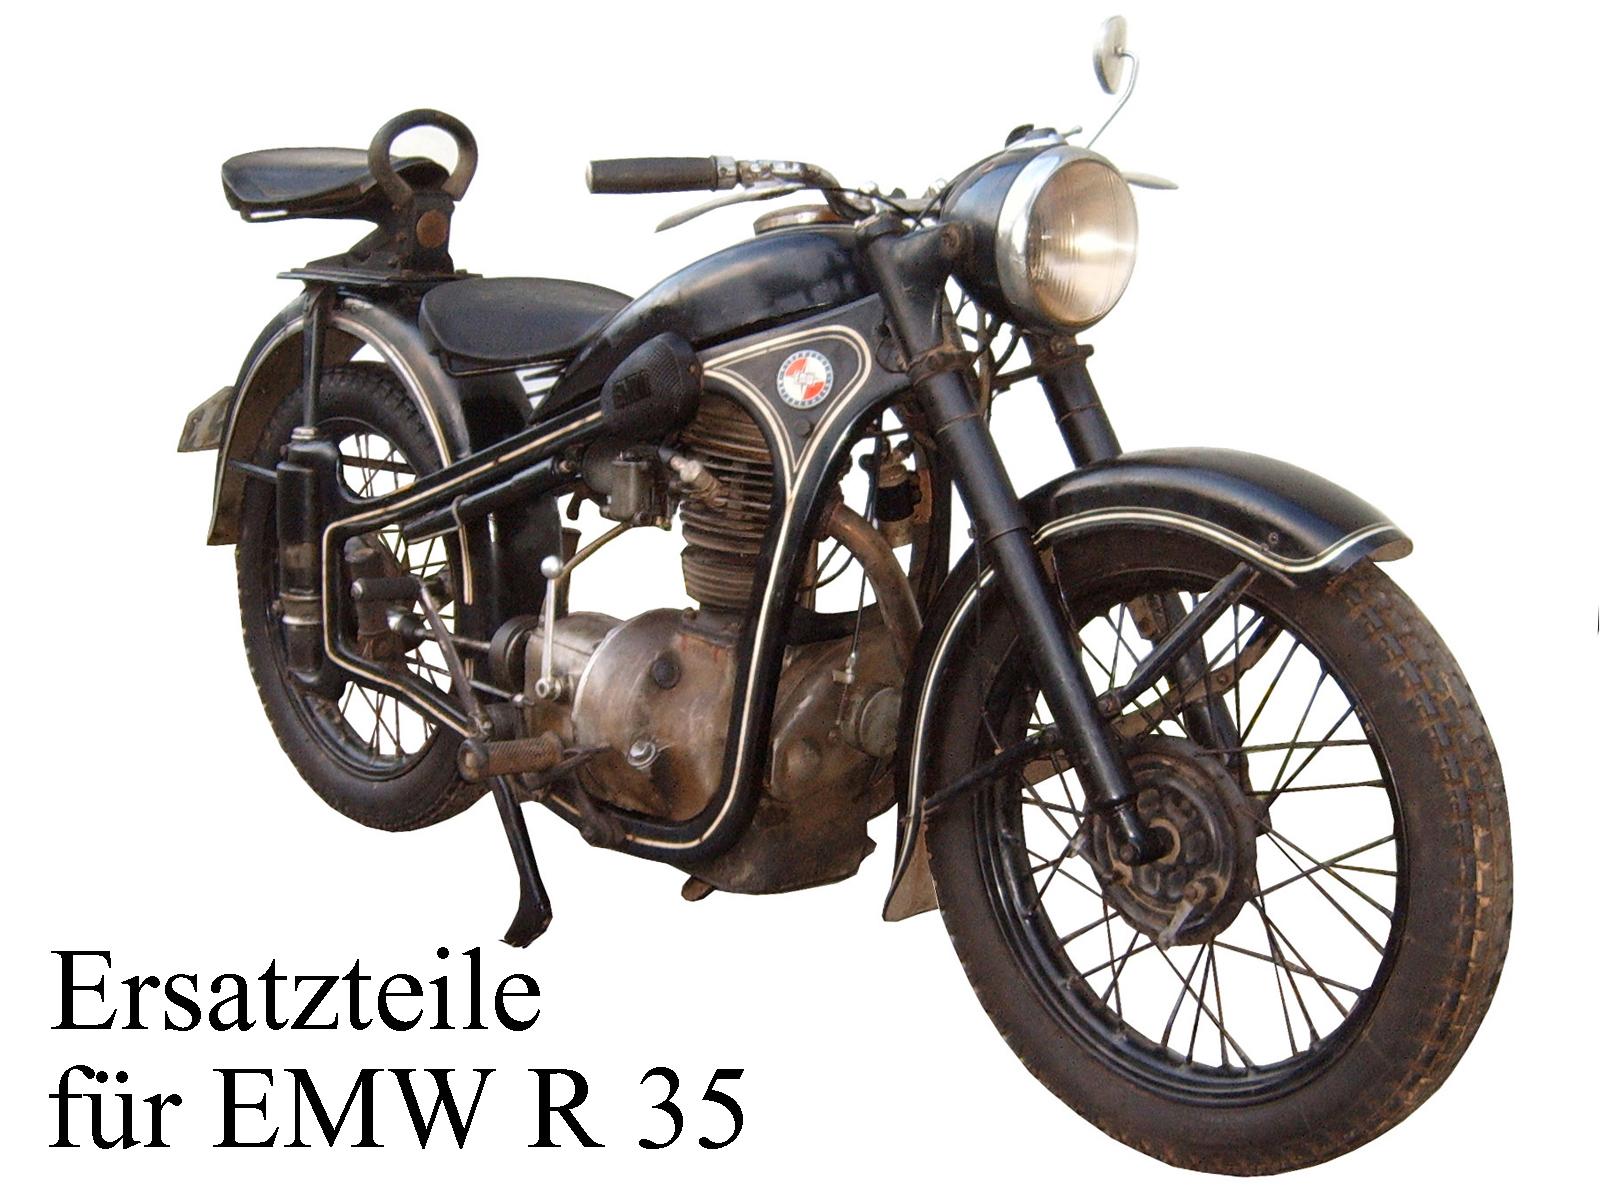 Ersatzteile kaufen für das DDR-Motorrad EMW R 35/3